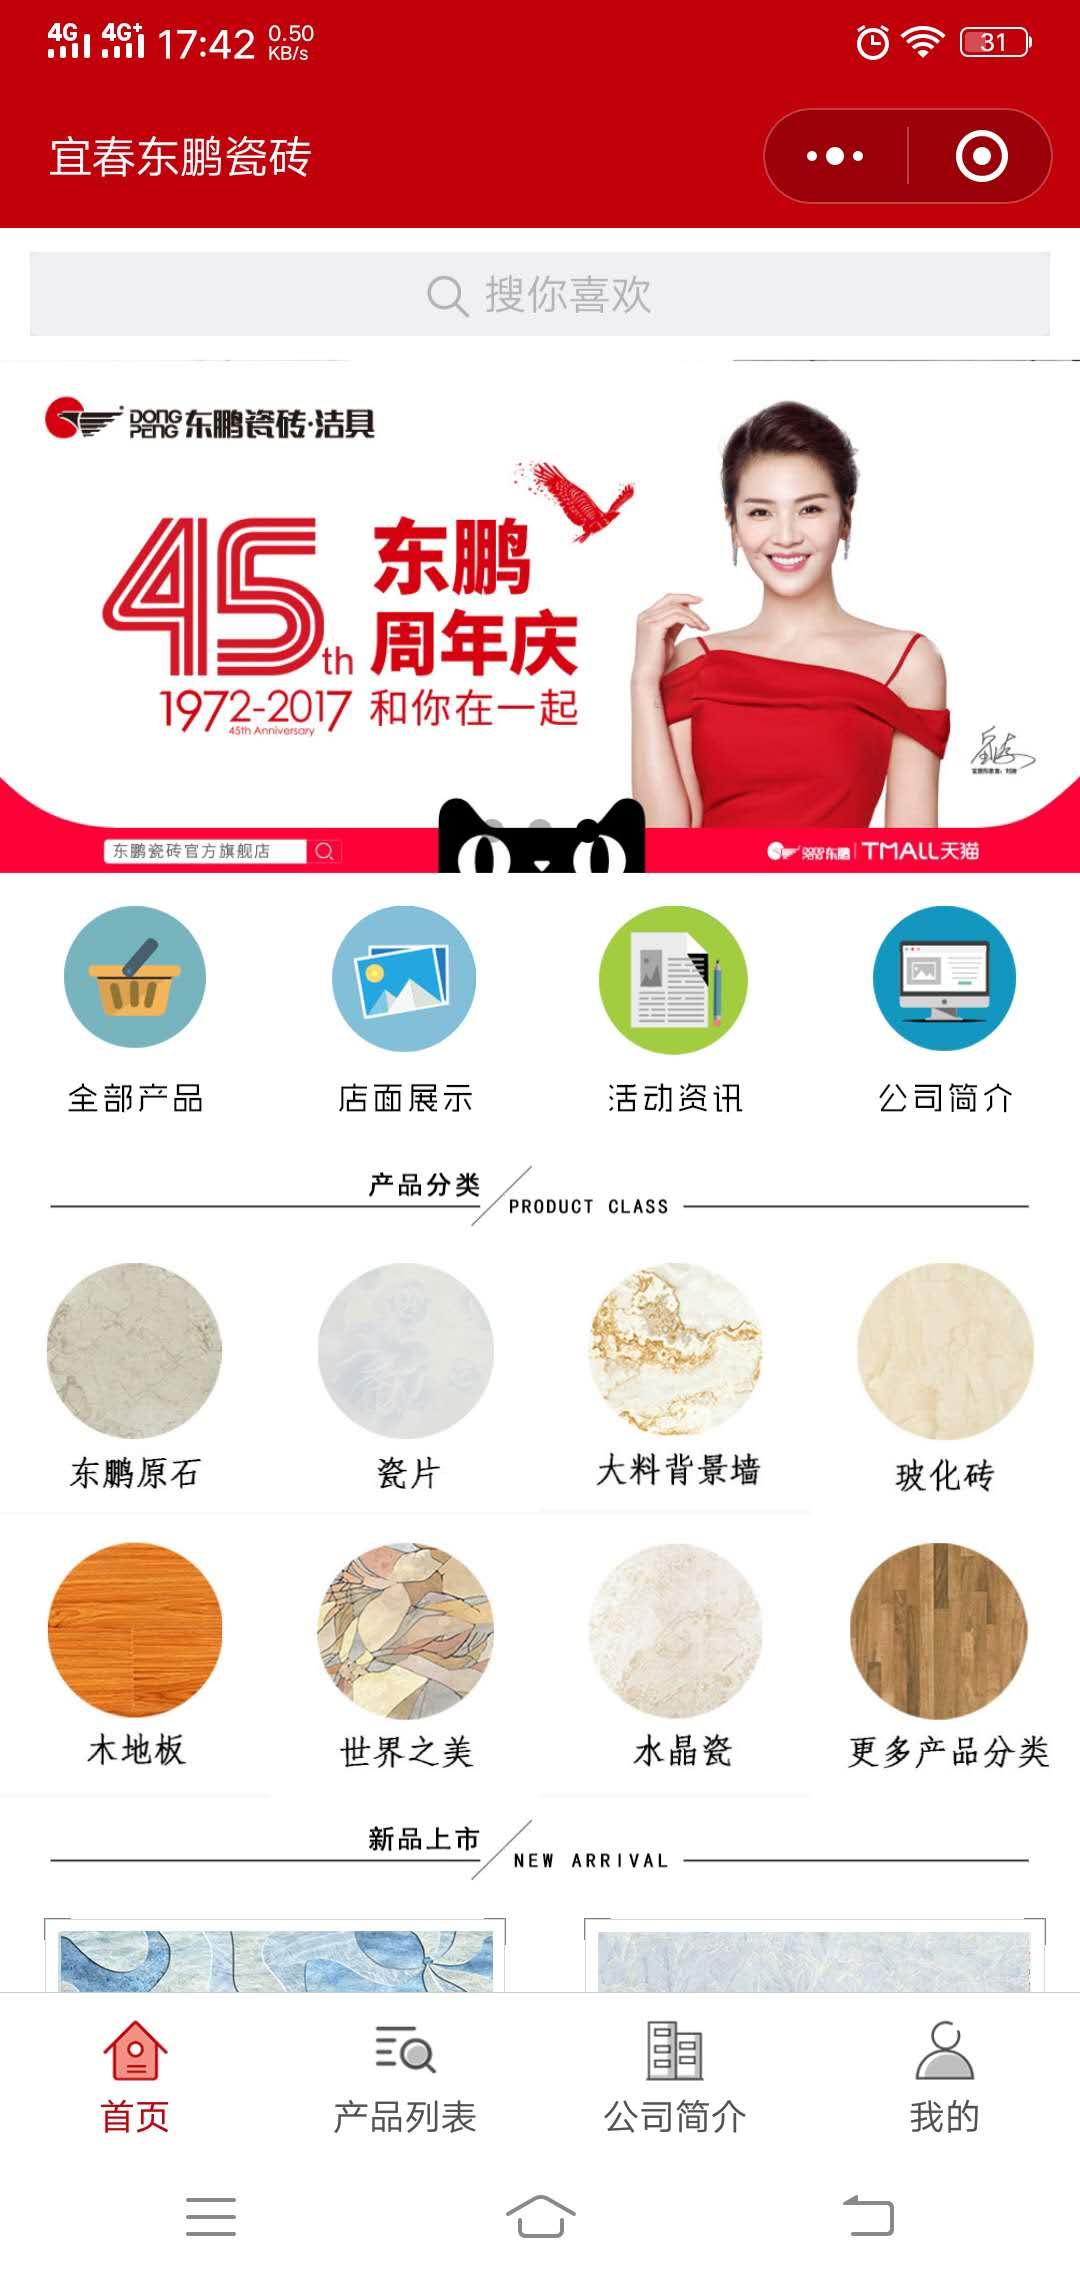 東鵬瓷磚(商城+官網小程序)